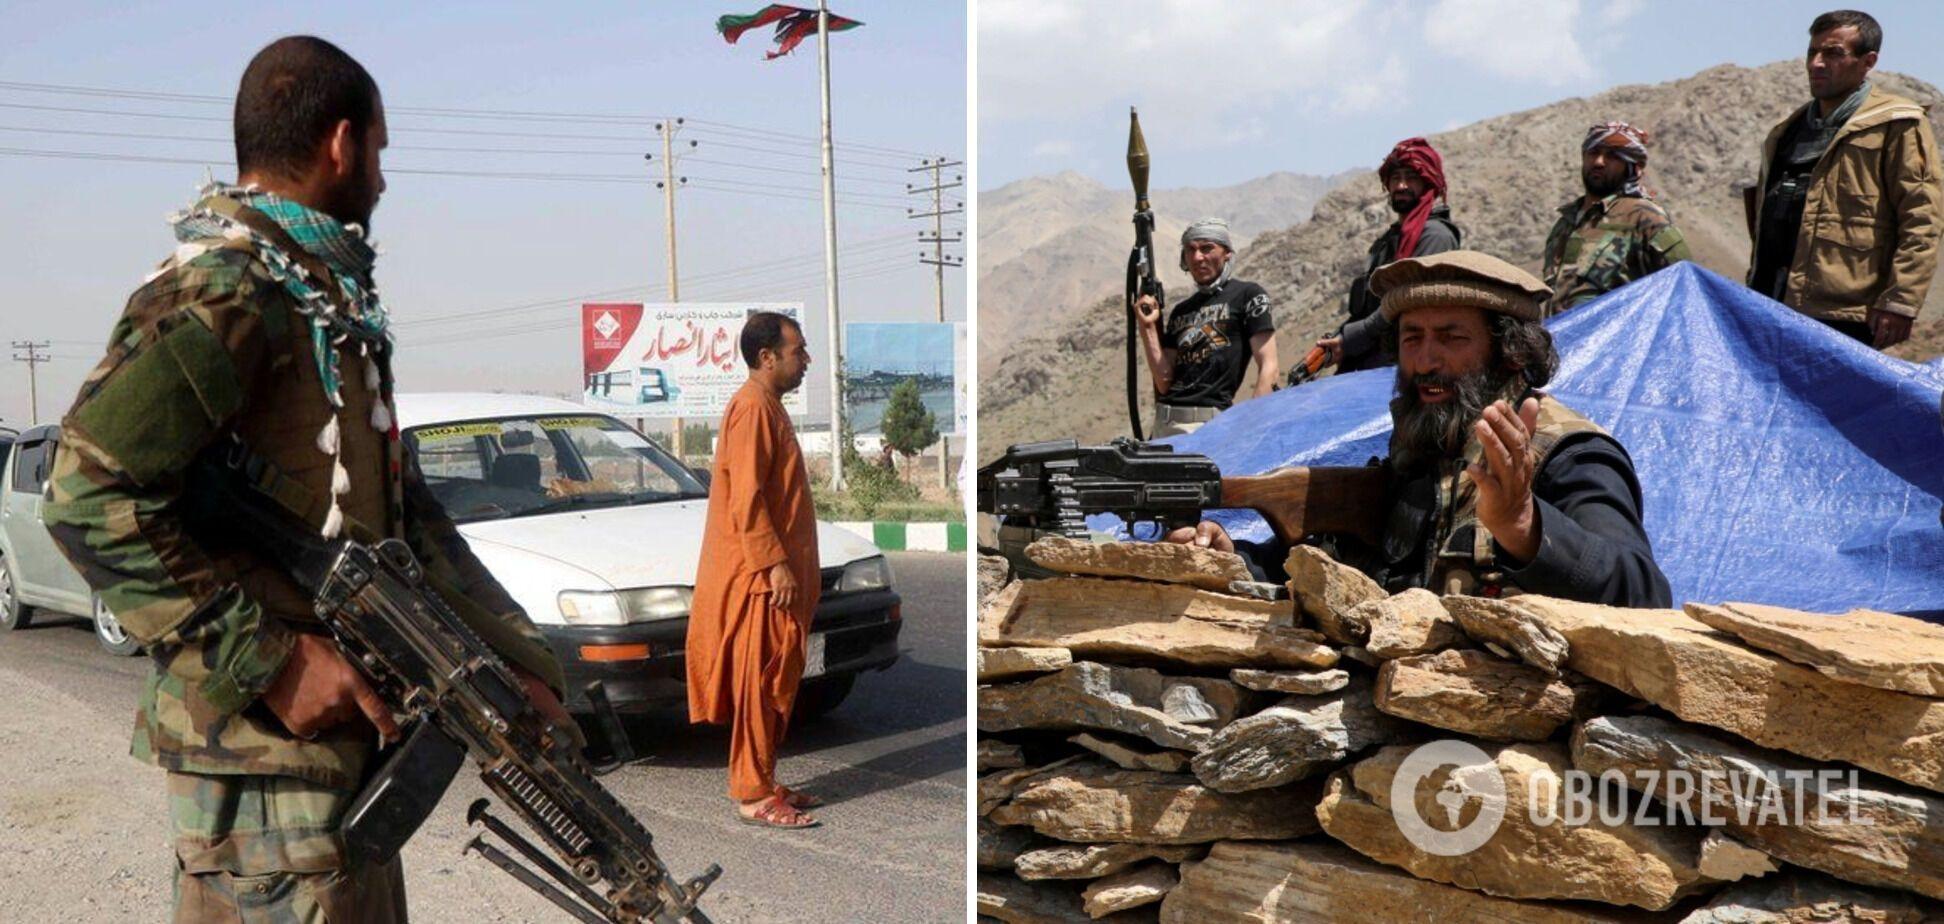 Після відведення з Афганістану військ США таліби швидко просуваються країною